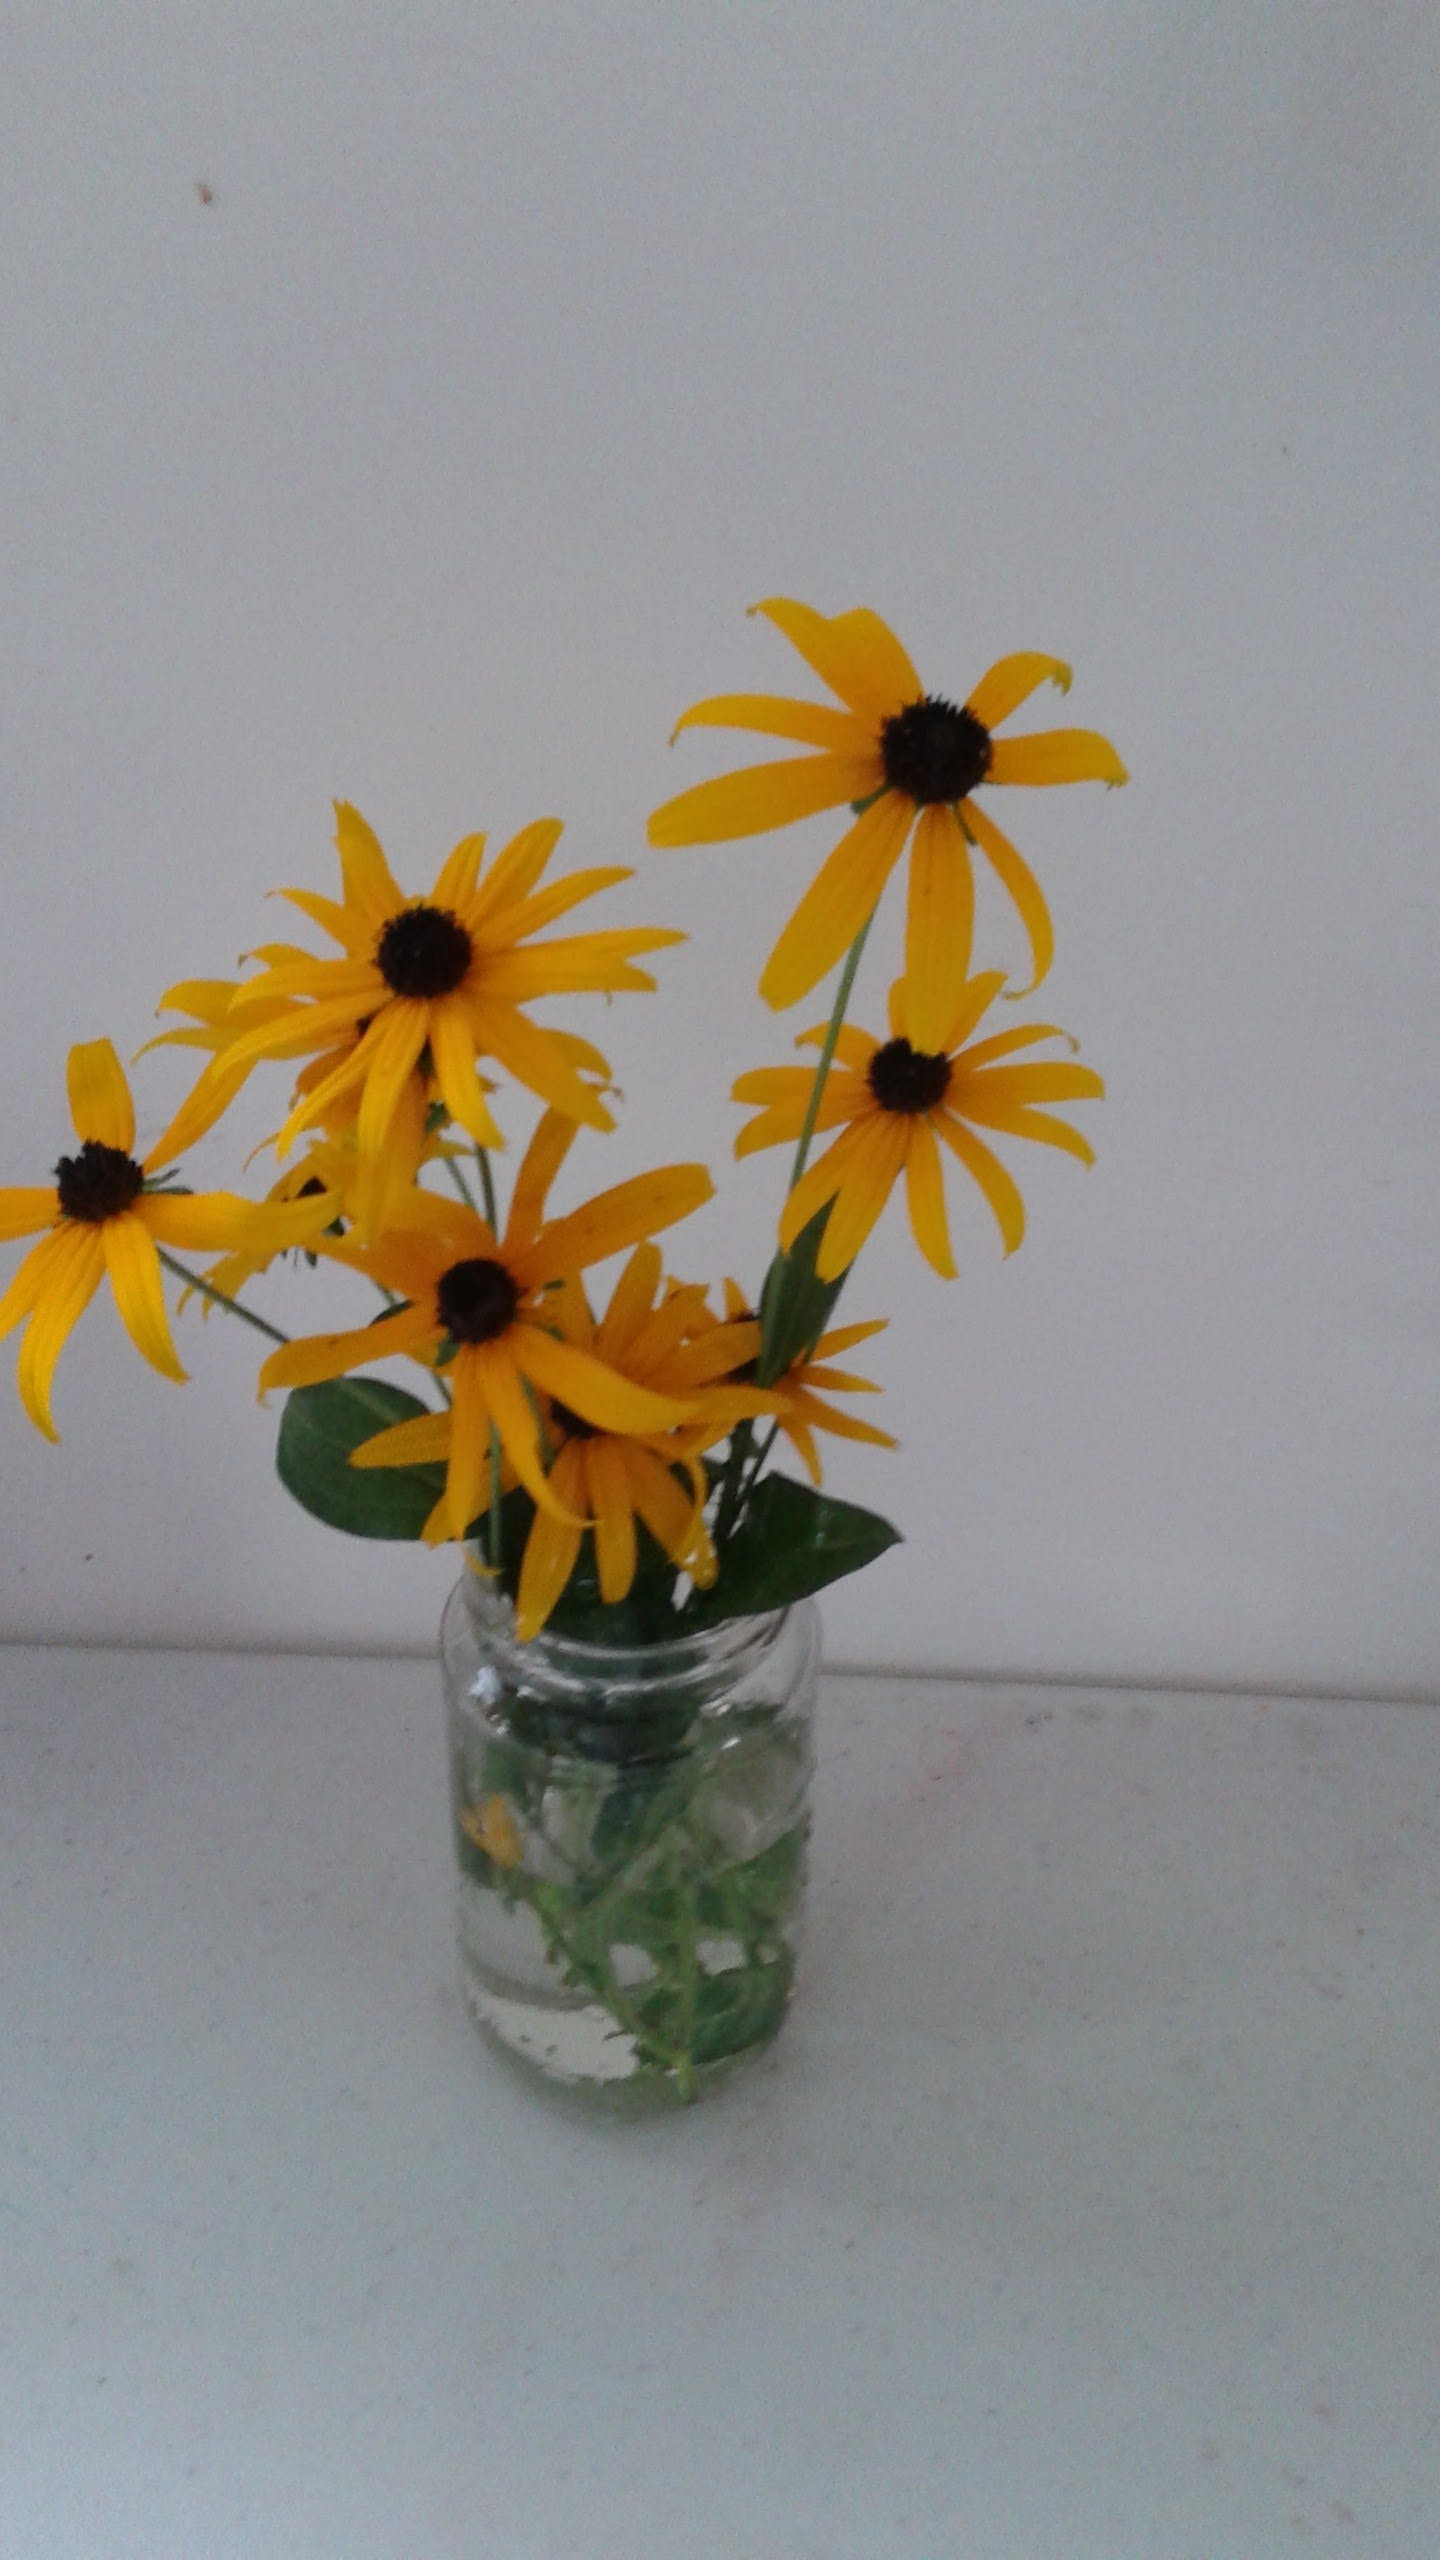 Free stock photo of Yellow Sunsine